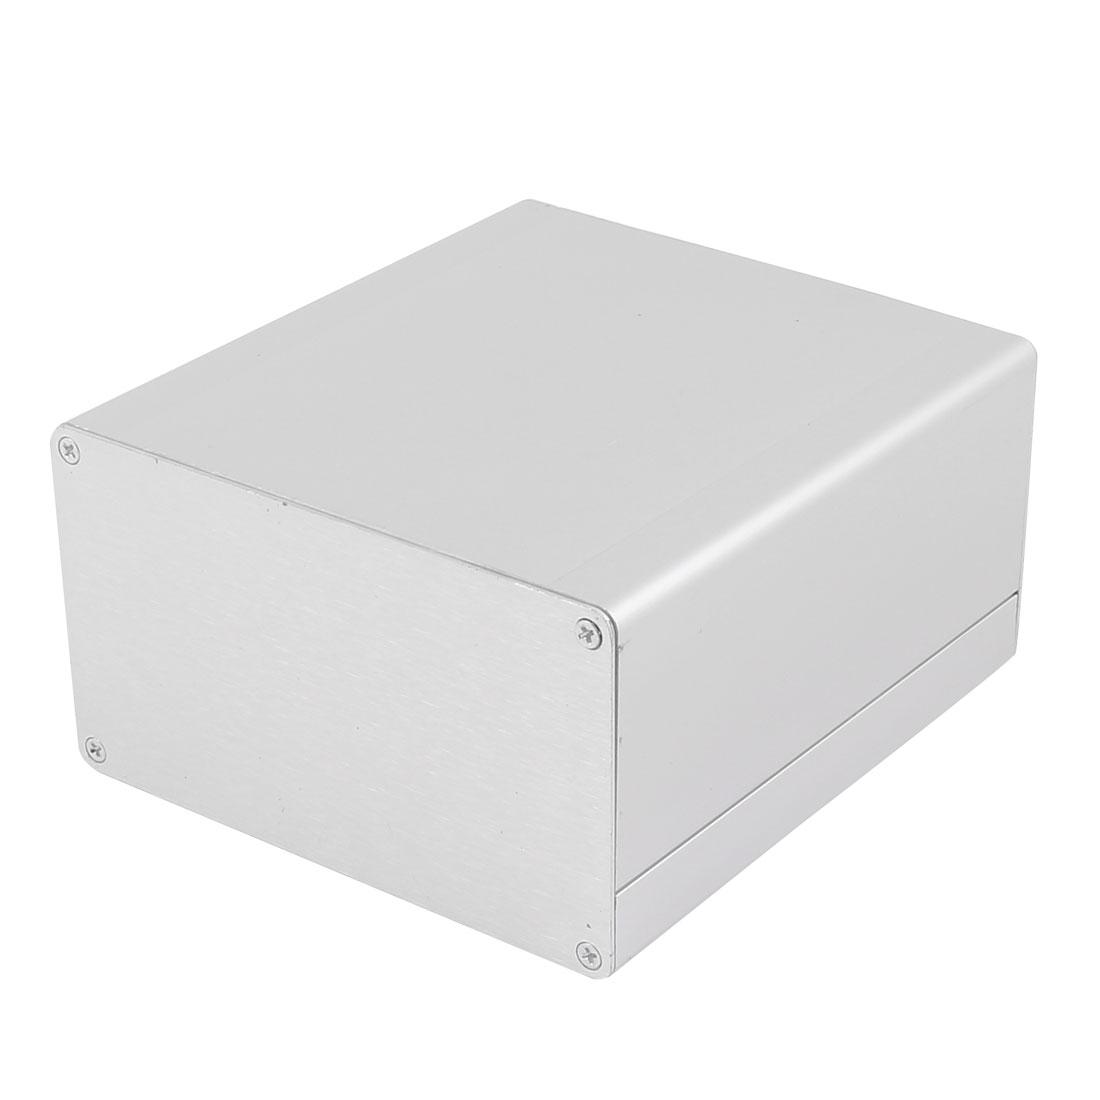 133 x 120 x 70mm Multi-purpose Electronic Extruded Aluminum Enclosure Box